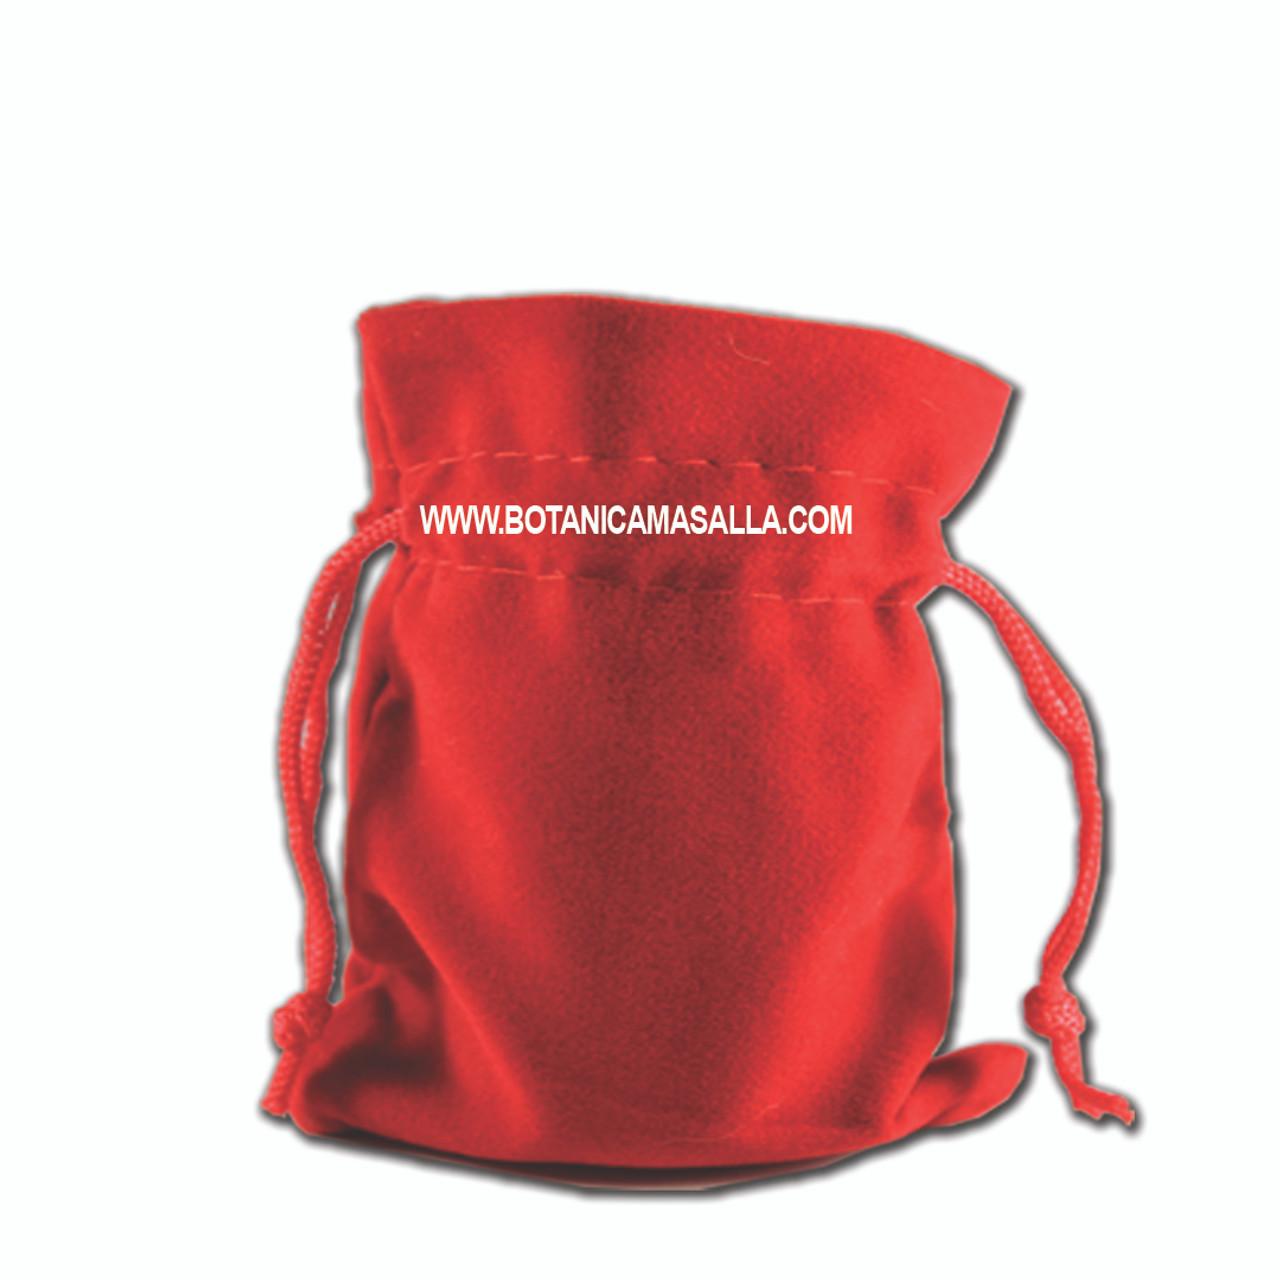 Esta bolsita es usada para guardar resguardo o protecciones es de 3x3 pulgadas, puede escoger entre verde y roja. Solo manejamos estos dos colores